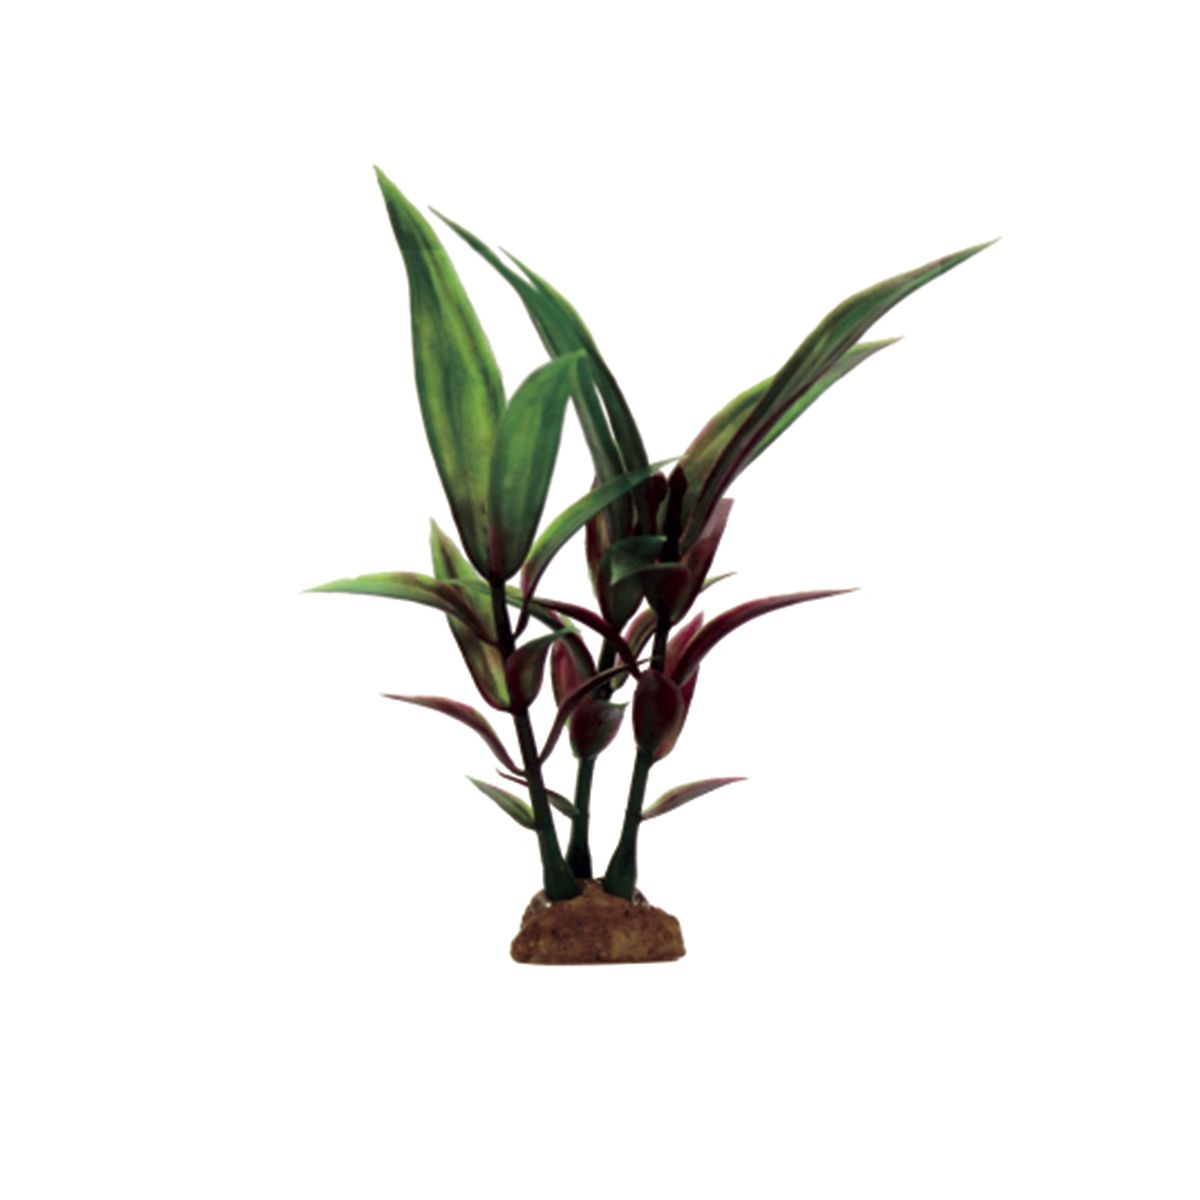 Растение для аквариума ArtUniq Гигрофила сиамская красная, высота 10 см, 6 шт0120710Композиция из искусственных растений ArtUniq превосходно украсит и оживит аквариум.Растения - это важная часть любой композиции, они помогут вдохнуть жизнь в ландшафт любого аквариума или террариума. А их сходствос природными порадует даже самых взыскательных ценителей.